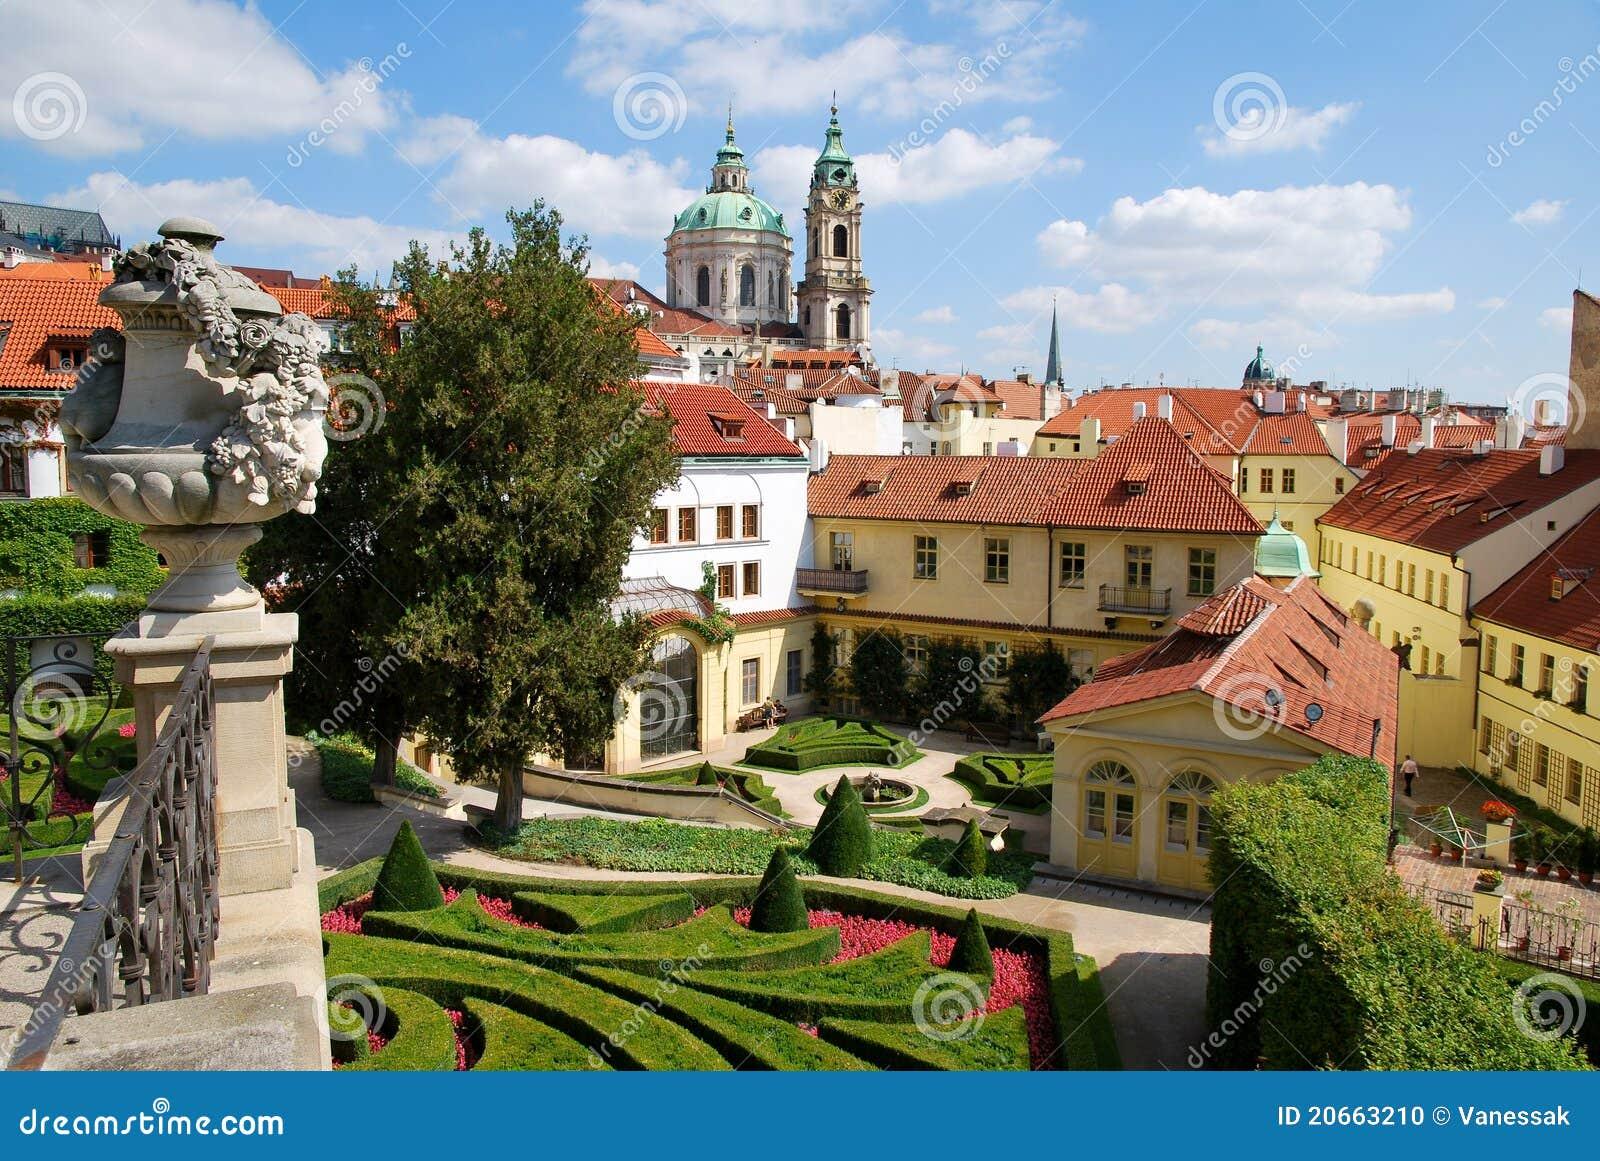 vrtba garden prague czech - photo #9